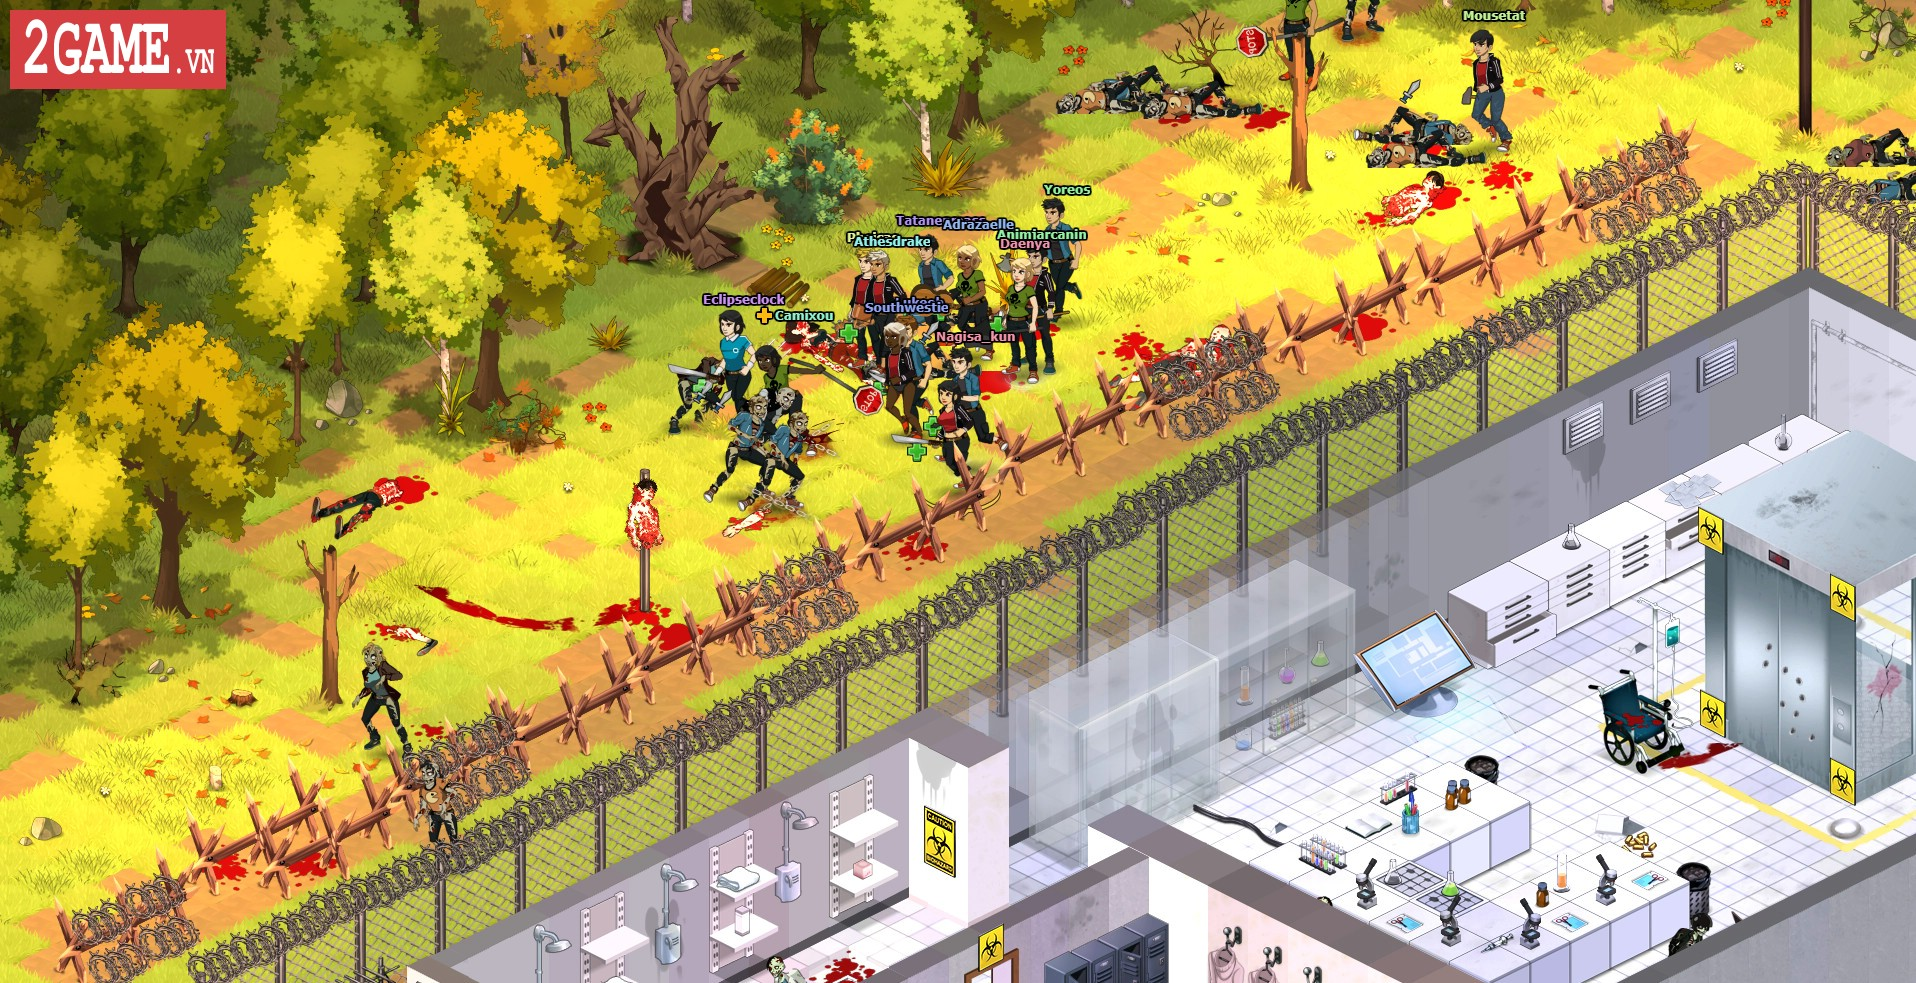 Dead Maze – Hé lộ dự án game nhập vai thế giới mở mới đầy đột phá 6